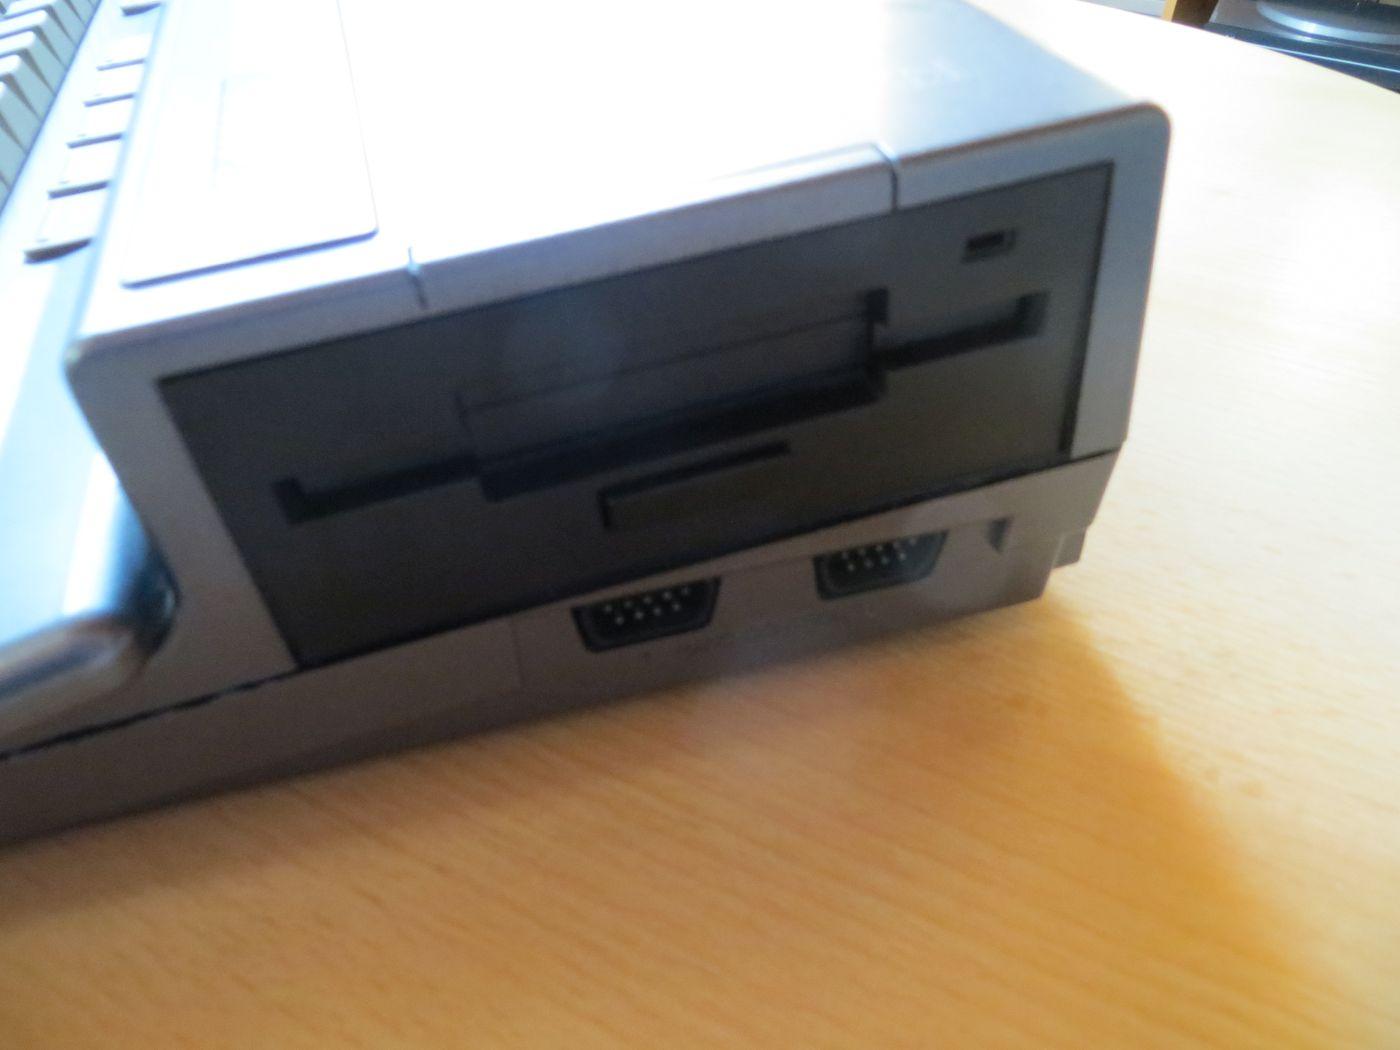 Philips VG-8235 - Diskettenlaufwerk und Joystickbuchsen